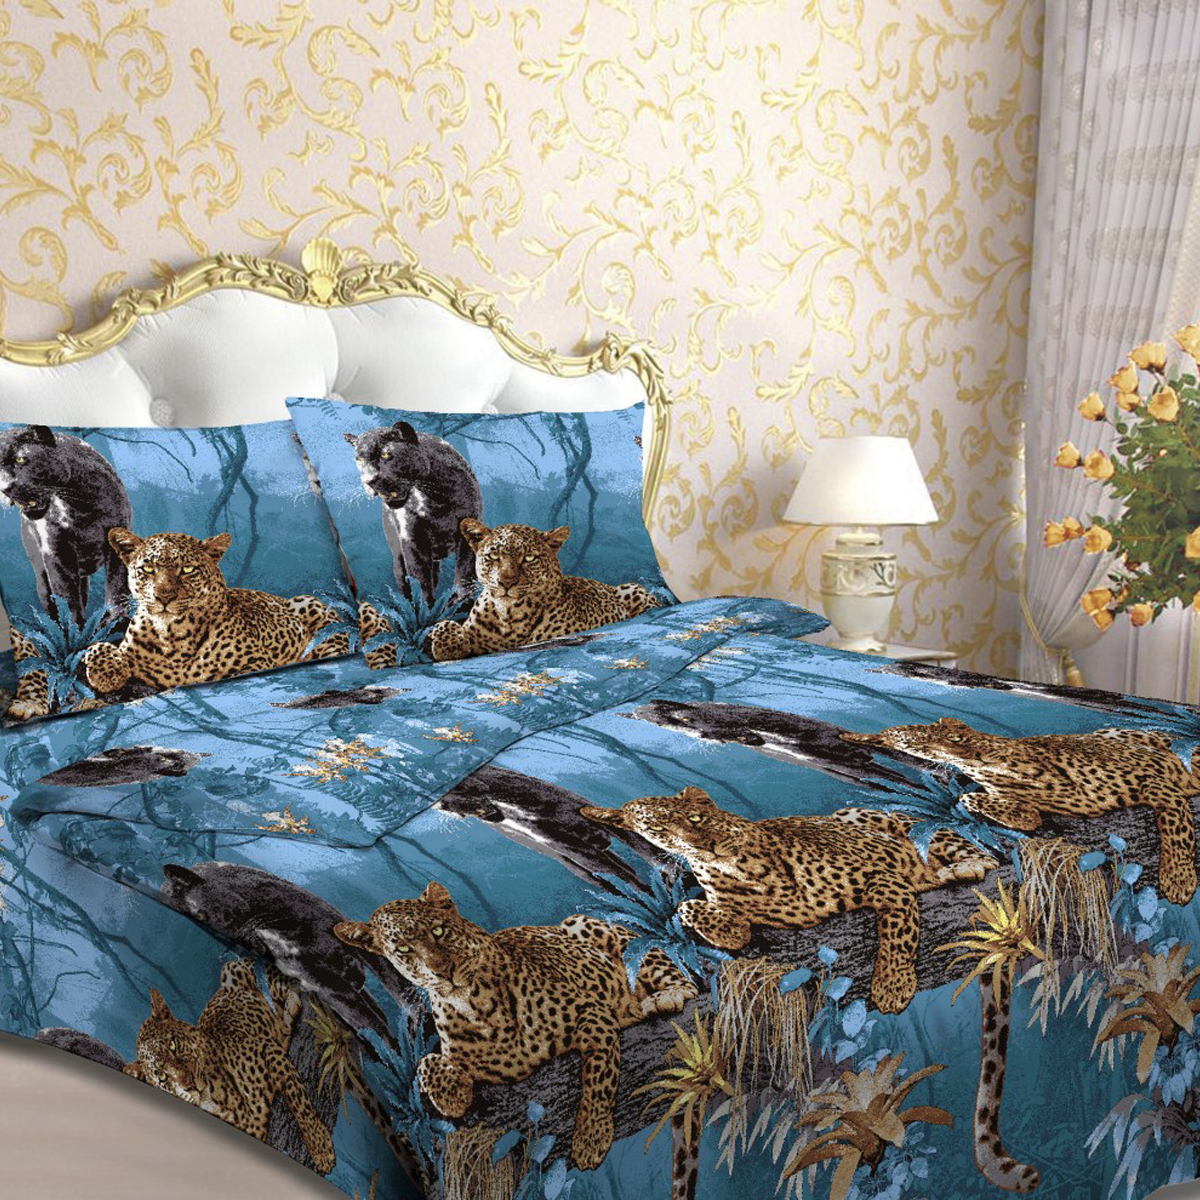 Комплект белья Letto Пантера, 1,5-спальное, наволочки 70х70, цвет: синий. В44-3CLP446Комплект постельного белья Letto Пантера выполнен из бязи (100% натурального хлопка). Комплект состоит из пододеяльника, простыни и двух наволочек. Постельное белье оформлено ярким красочным рисунком.Гладкая структура делает ткань приятной на ощупь, мягкой и нежной, при этом она прочная и хорошо сохраняет форму. Ткань легко гладится. Благодаря такому комплекту постельного белья вы сможете создать атмосферу роскоши и романтики в вашей спальне.В комплект входят: Пододеяльник - 1 шт. Размер: 143 см х 215 см. Простыня - 1 шт. Размер: 150 см х 220, см. Наволочка - 2 шт. Размер: 70 см х 70 см. Плотность: 125 г/м.